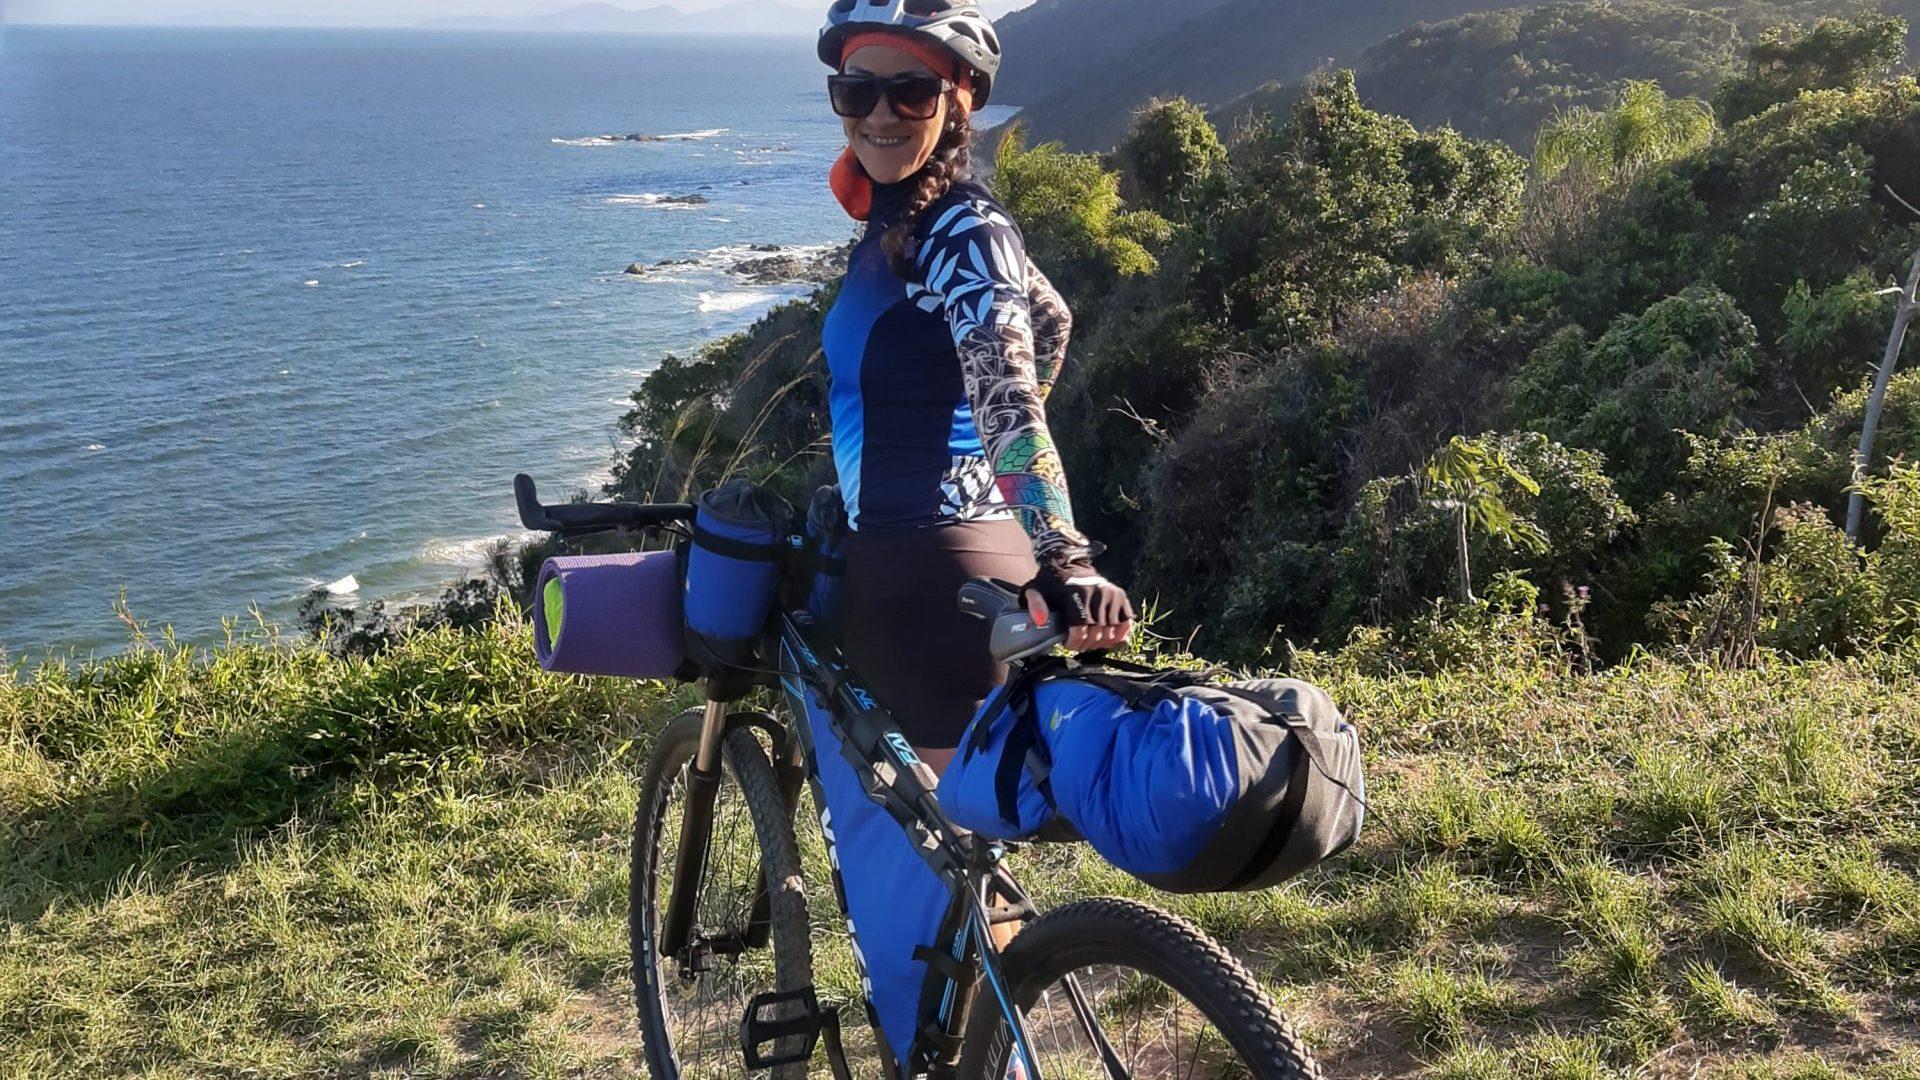 Yoga Bike - Cicloaventureiro.com.br (10)